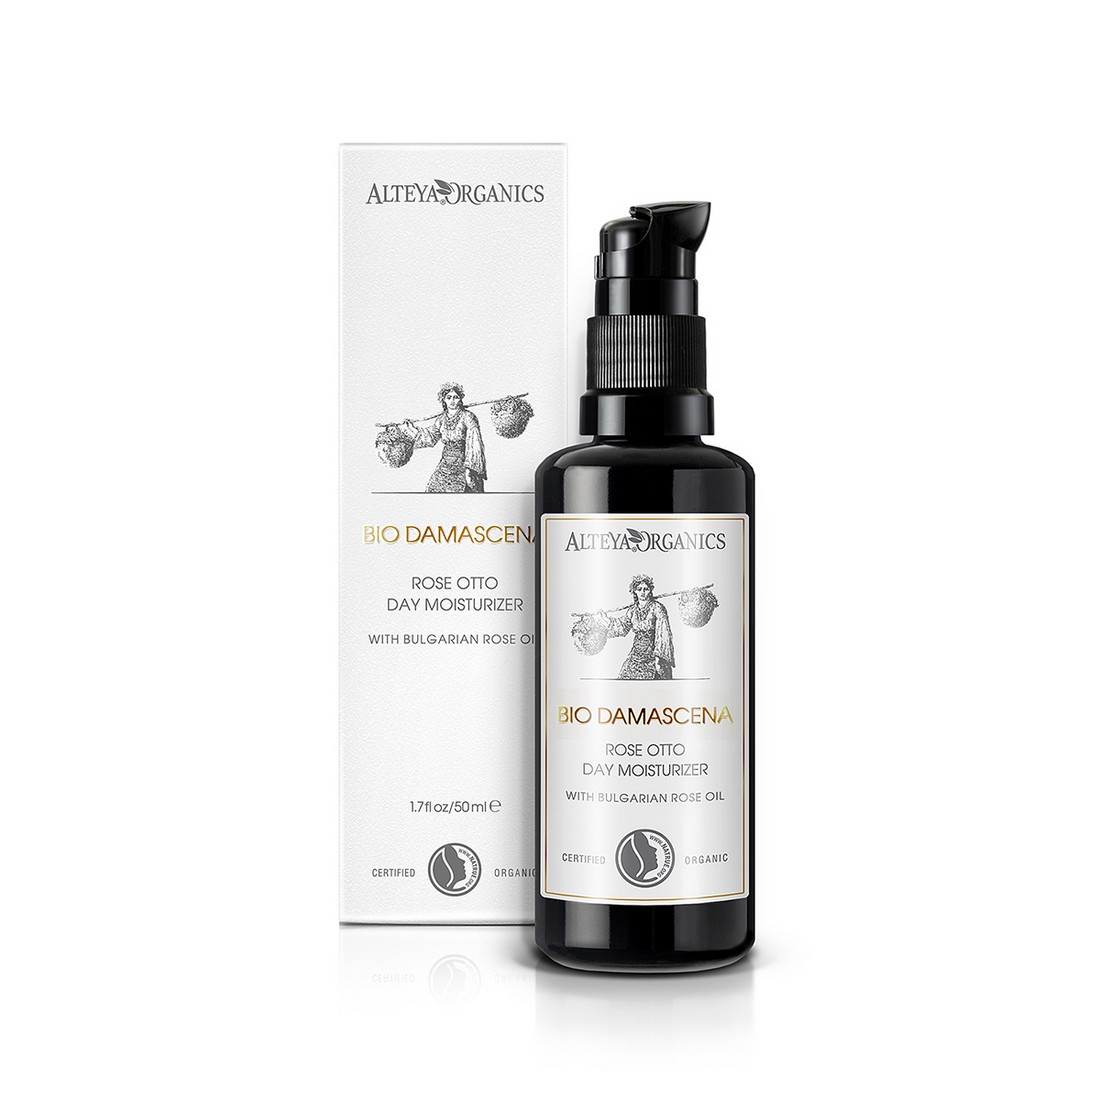 Bio organic day moisturizer for face Bio Damascena Alteya Organics